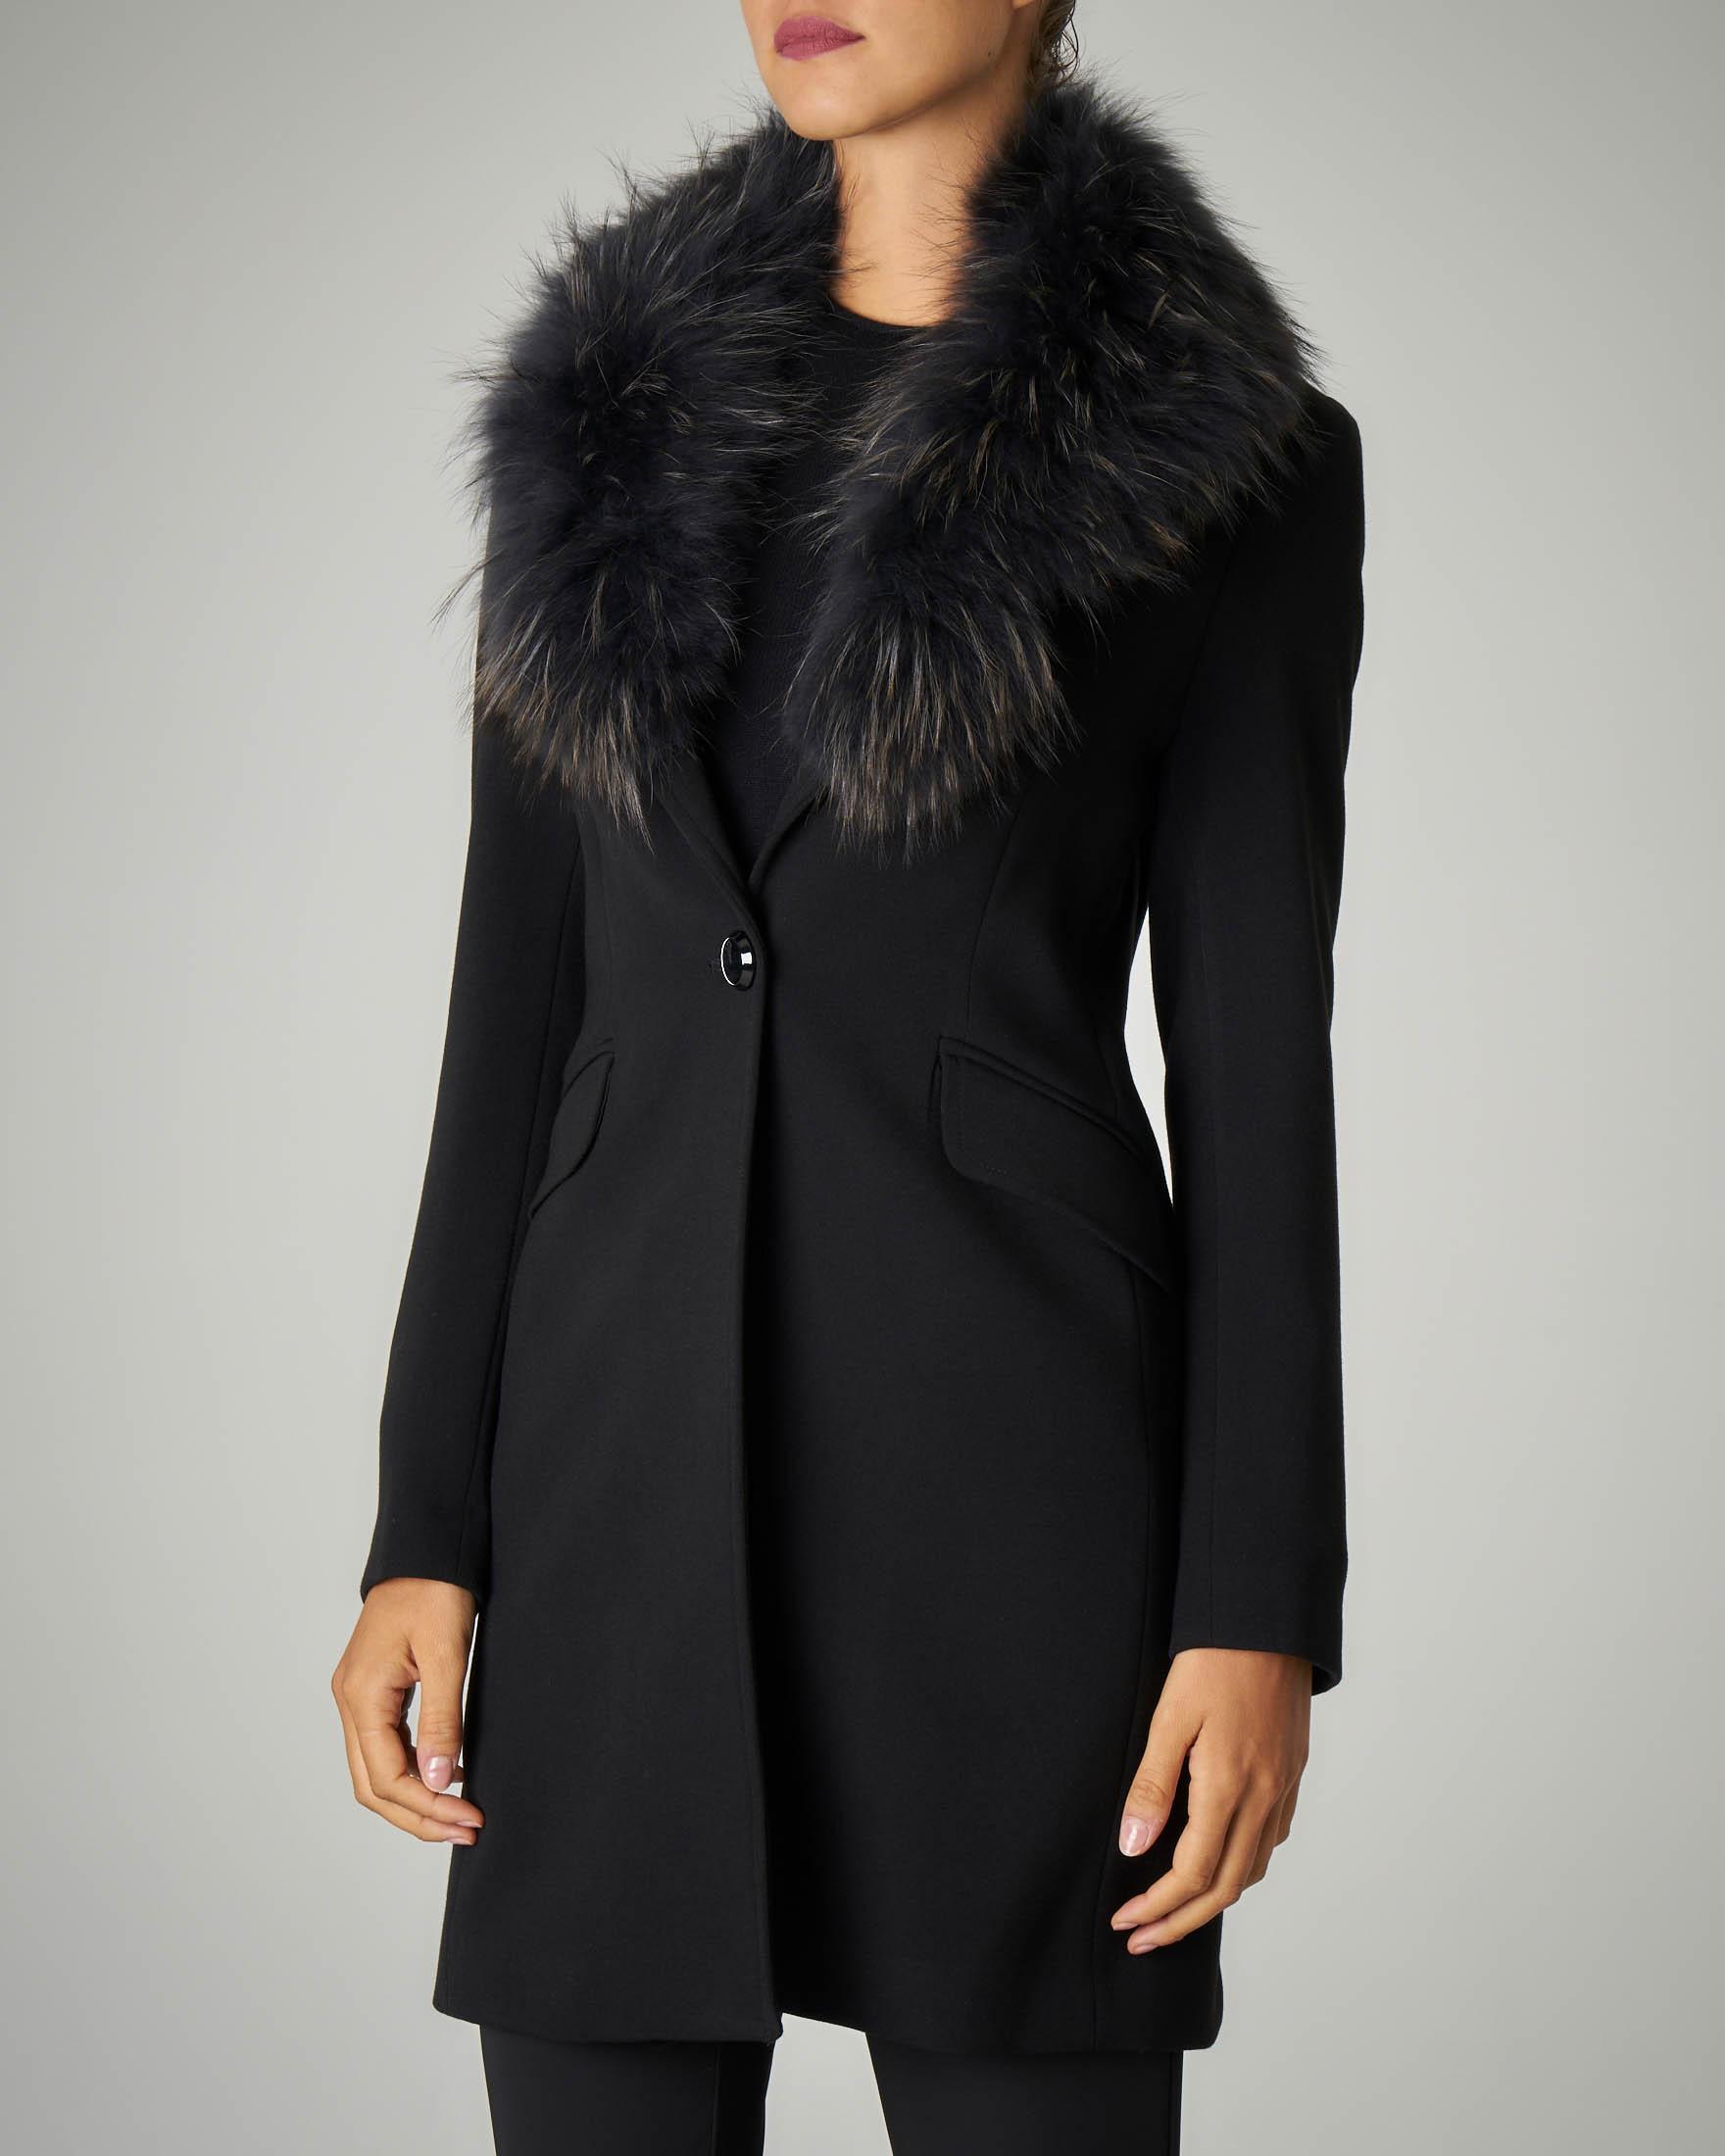 Cappotto nero con rever staccabile in pelliccia tono su tono